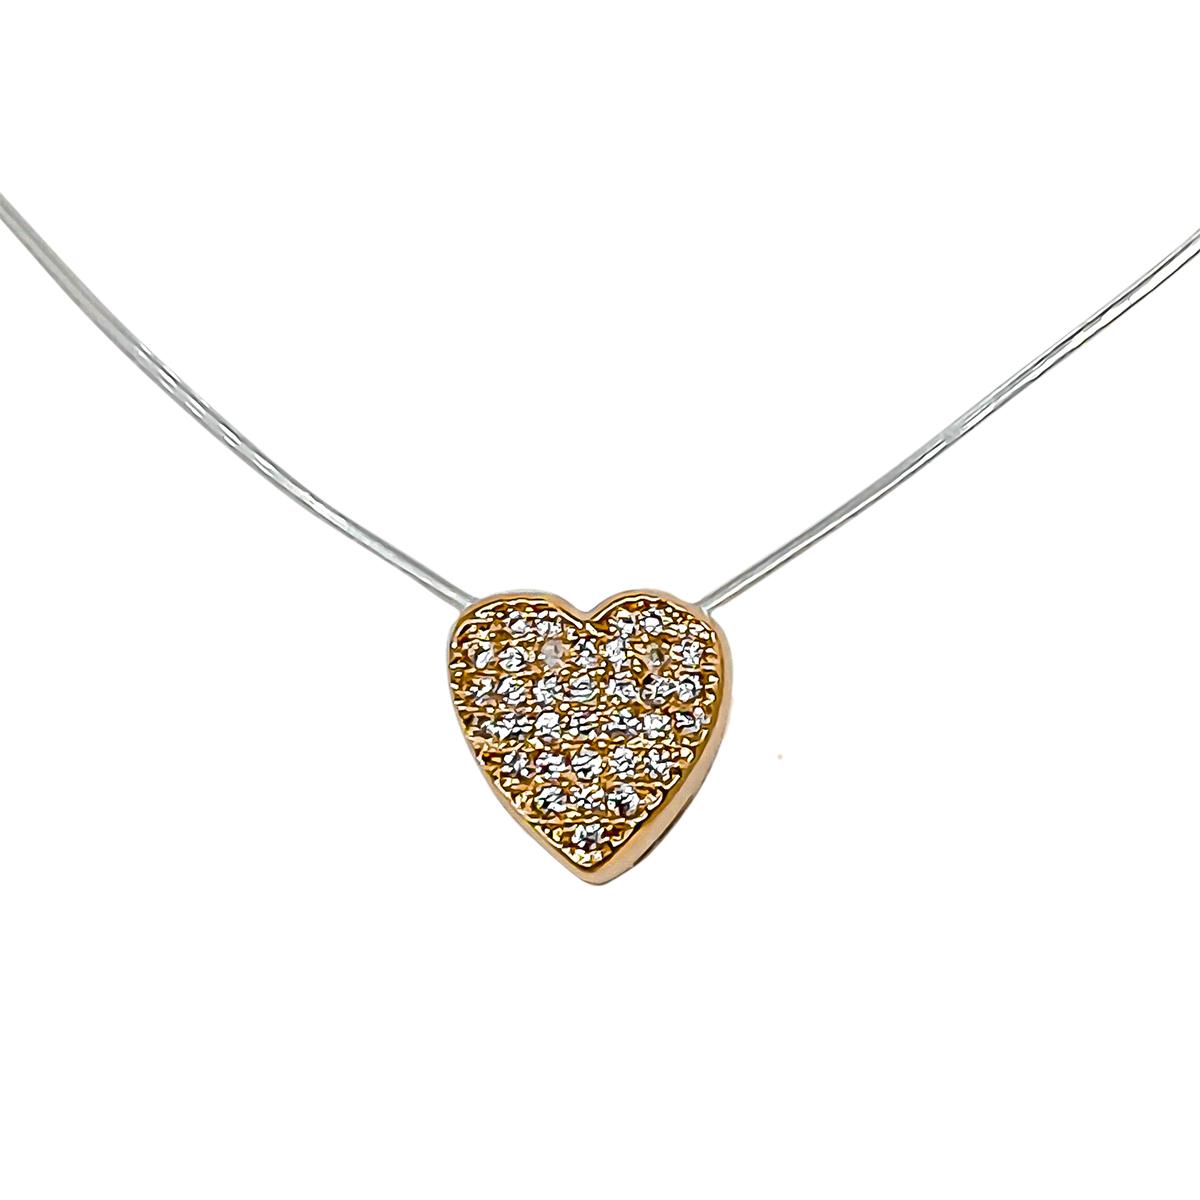 Colar Coração Com Zircônias De Nylon 37 cm Folheado Em Ouro